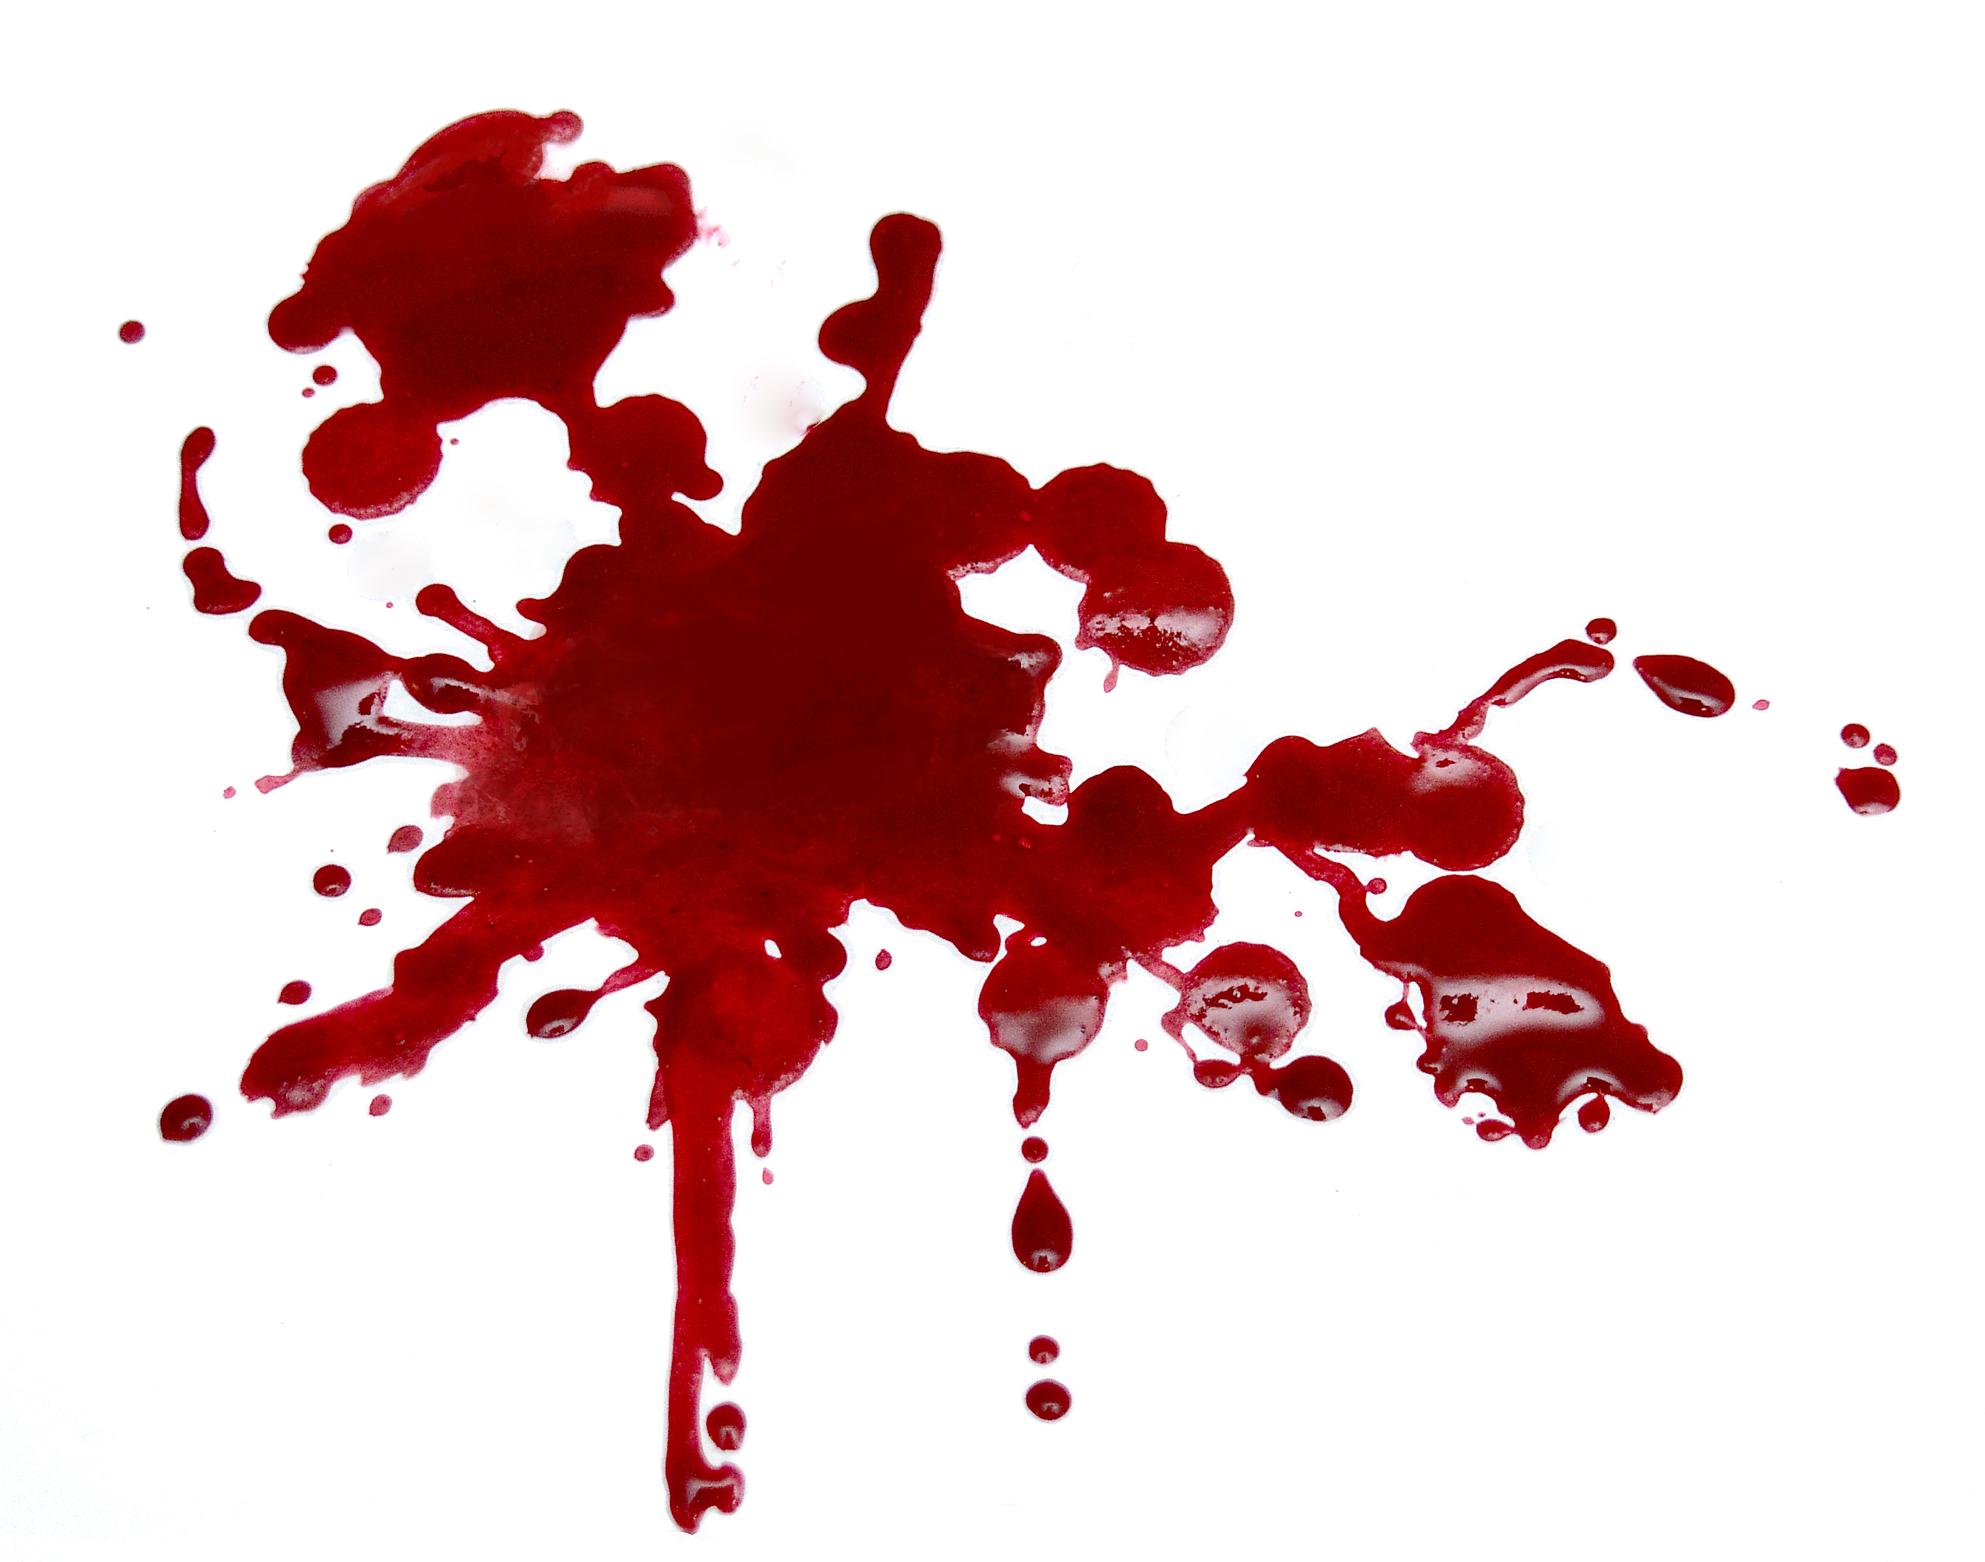 Blood Splash By Maddagone On Deviantart 485 blood splatter premium high res photos. blood splash by maddagone on deviantart